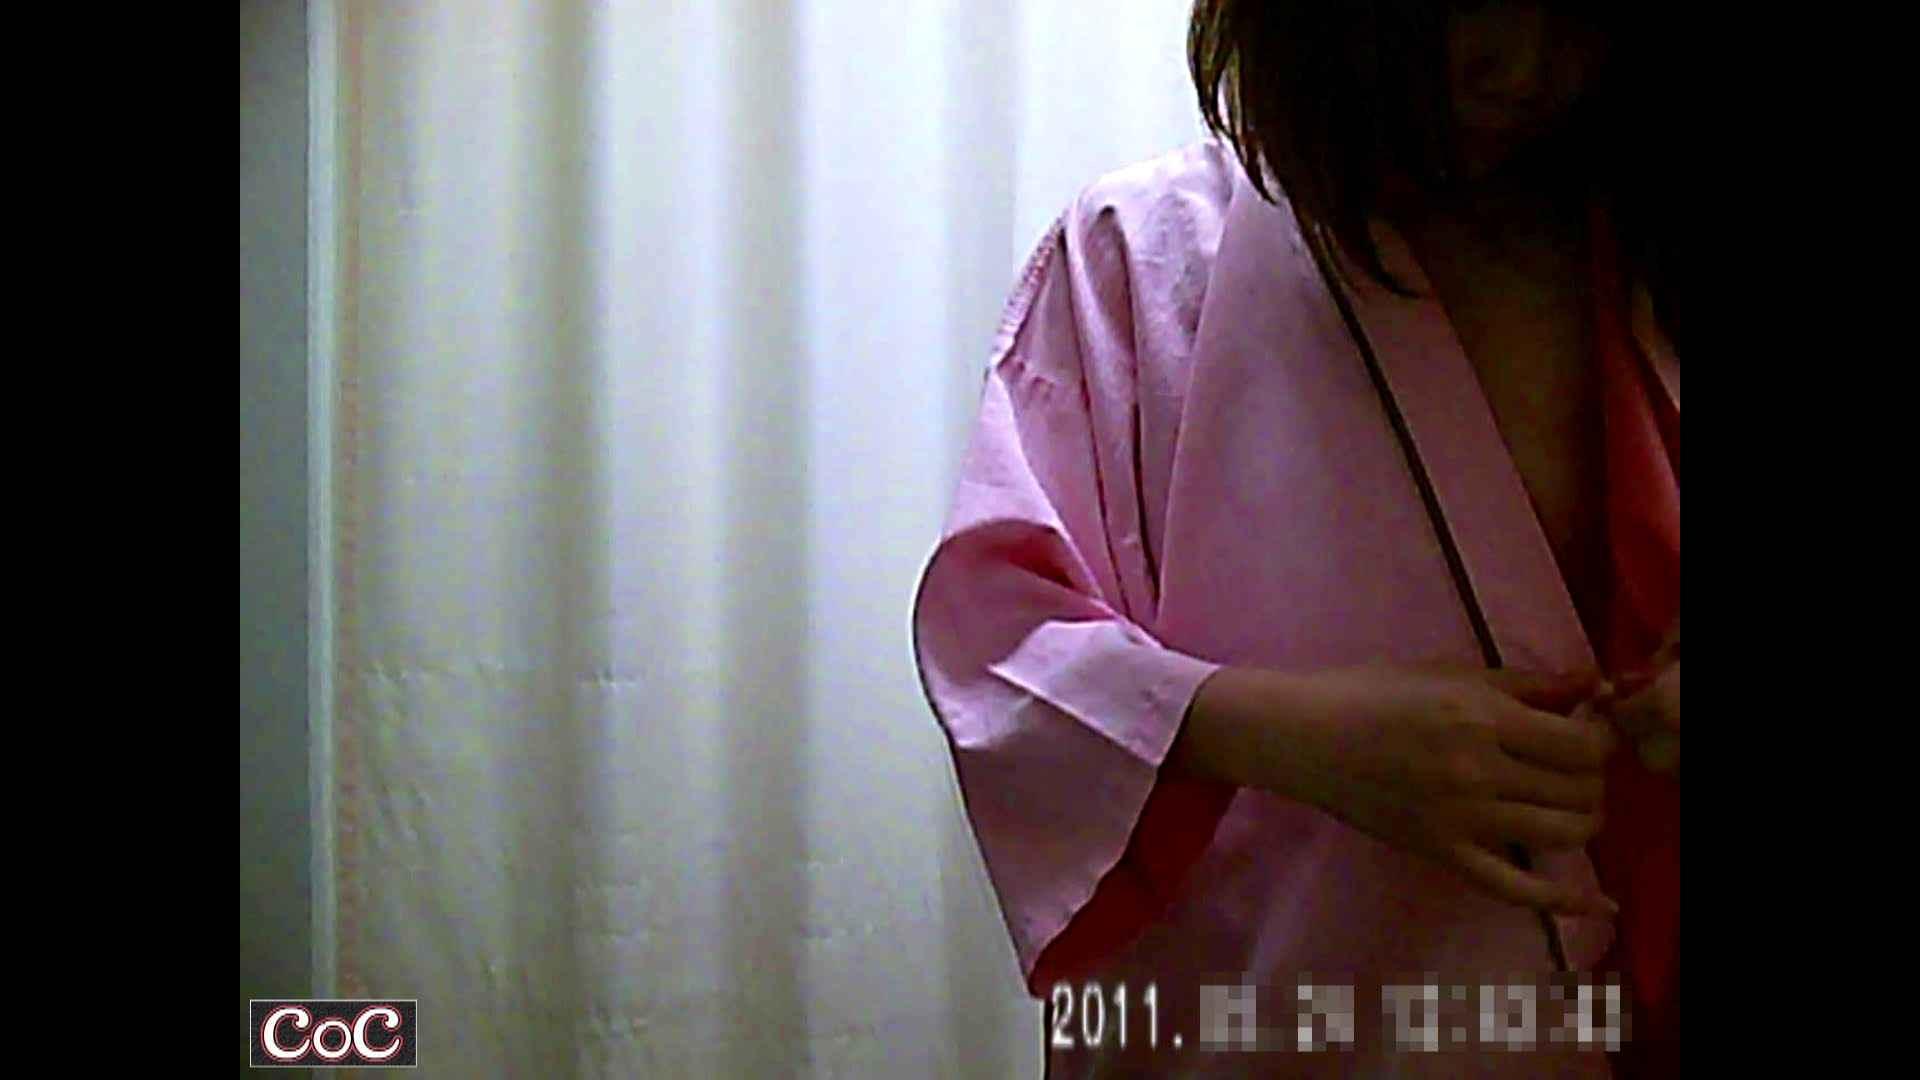 元医者による反抗 更衣室地獄絵巻 vol.171 OL  106pic 10